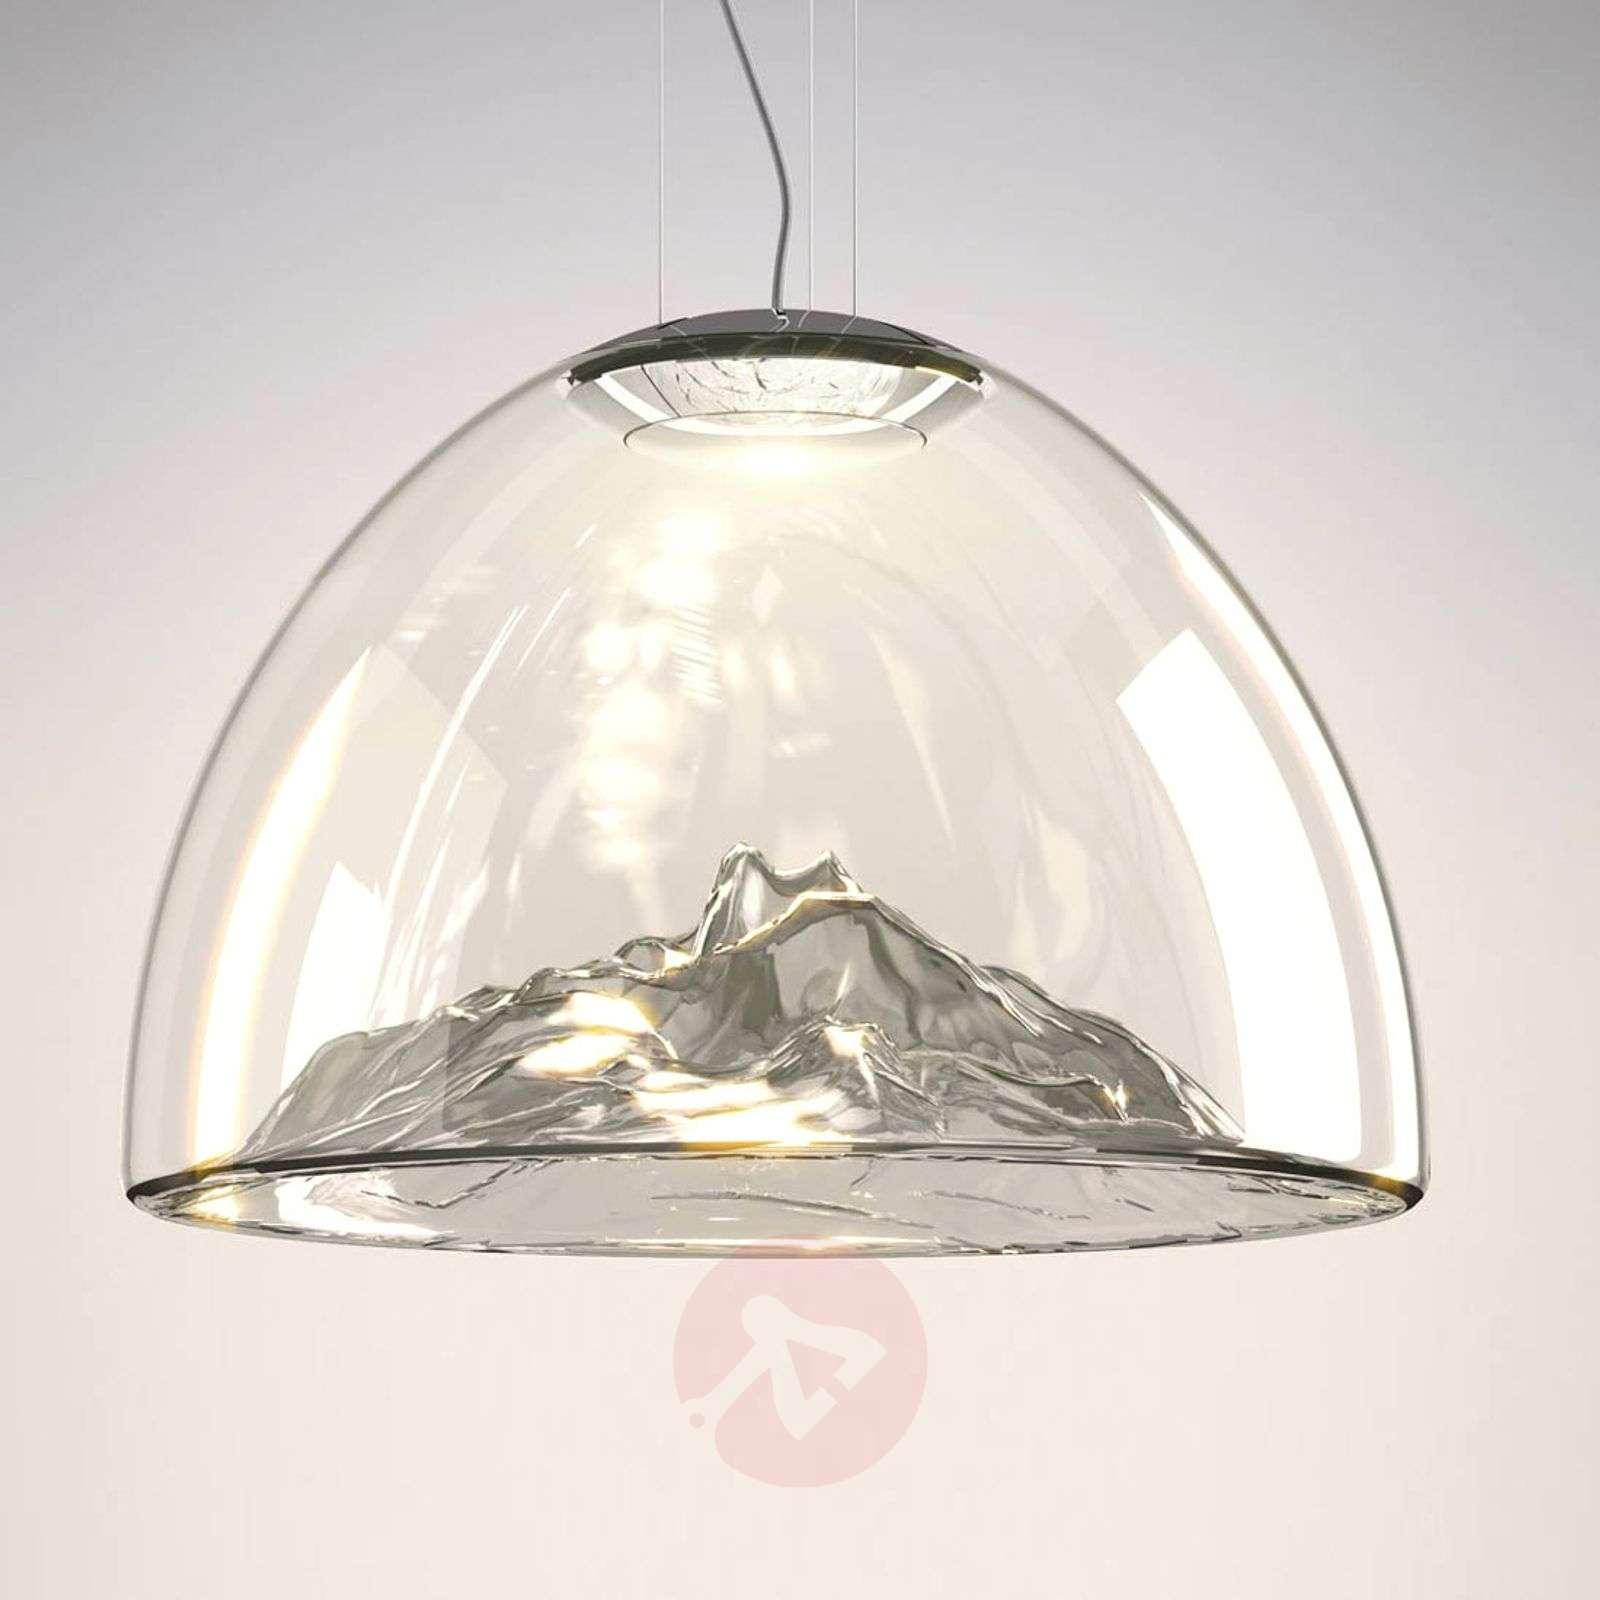 Axolight Mountain View LED-valaisin harmaa-kromi-1088073-01